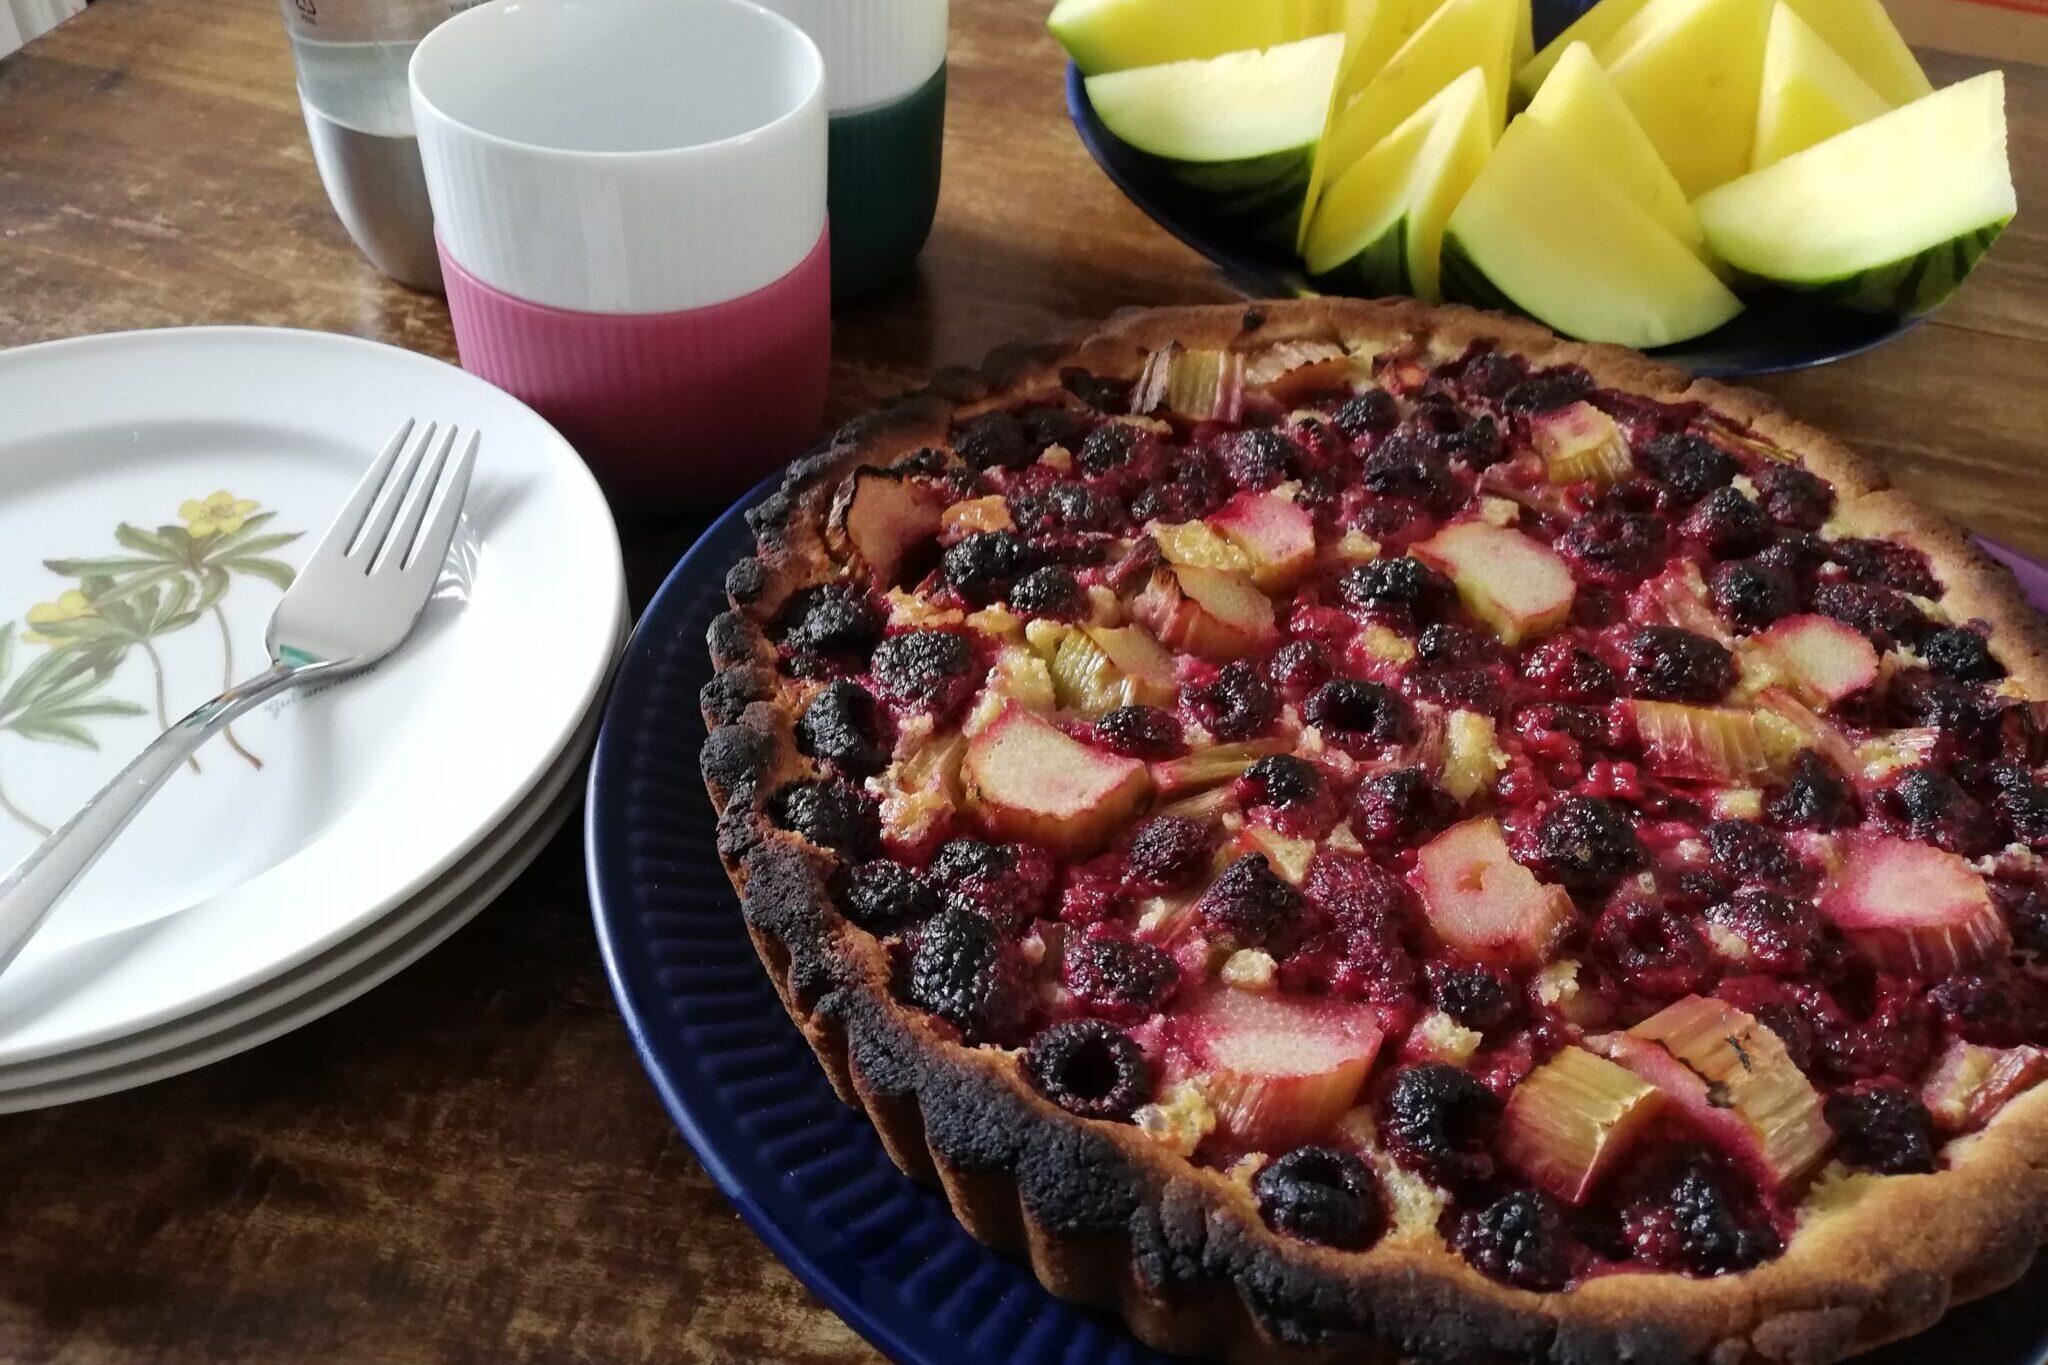 Hindbær-rabarbertærte, min favorit tærte til en regnvejrsdag. Ildfugl.com, blog, mad og drikke, Hindbær-rabarbertærte.